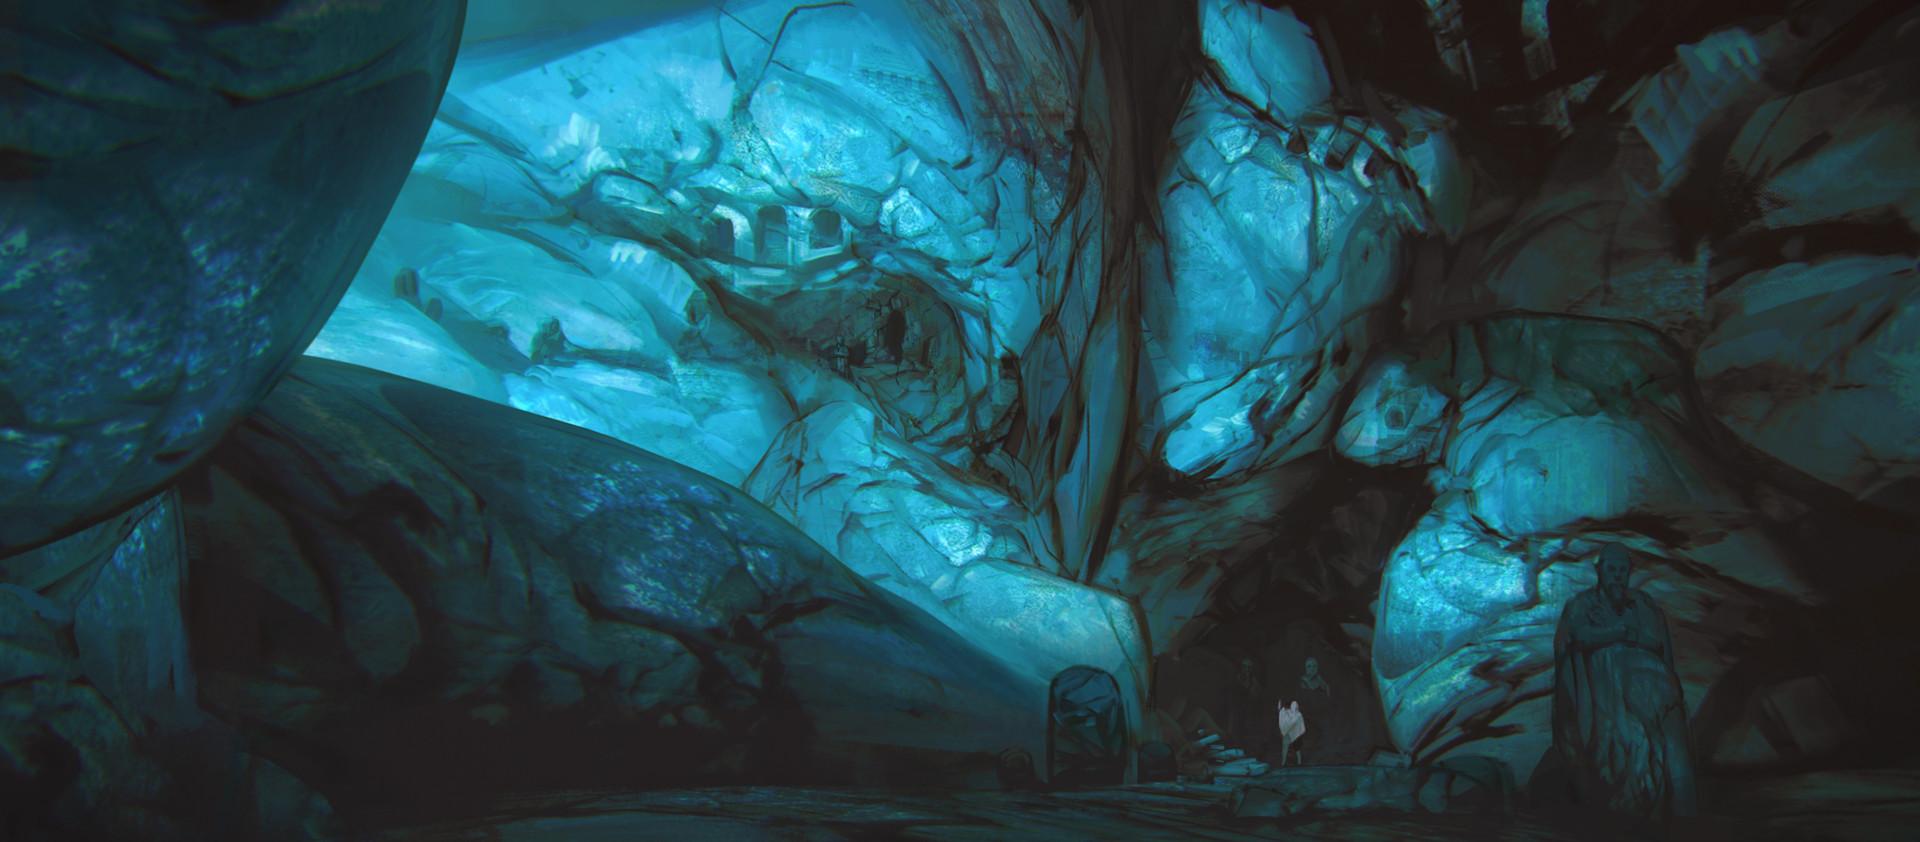 marco-brunelleschi-cavepainting-01-process4.jpg